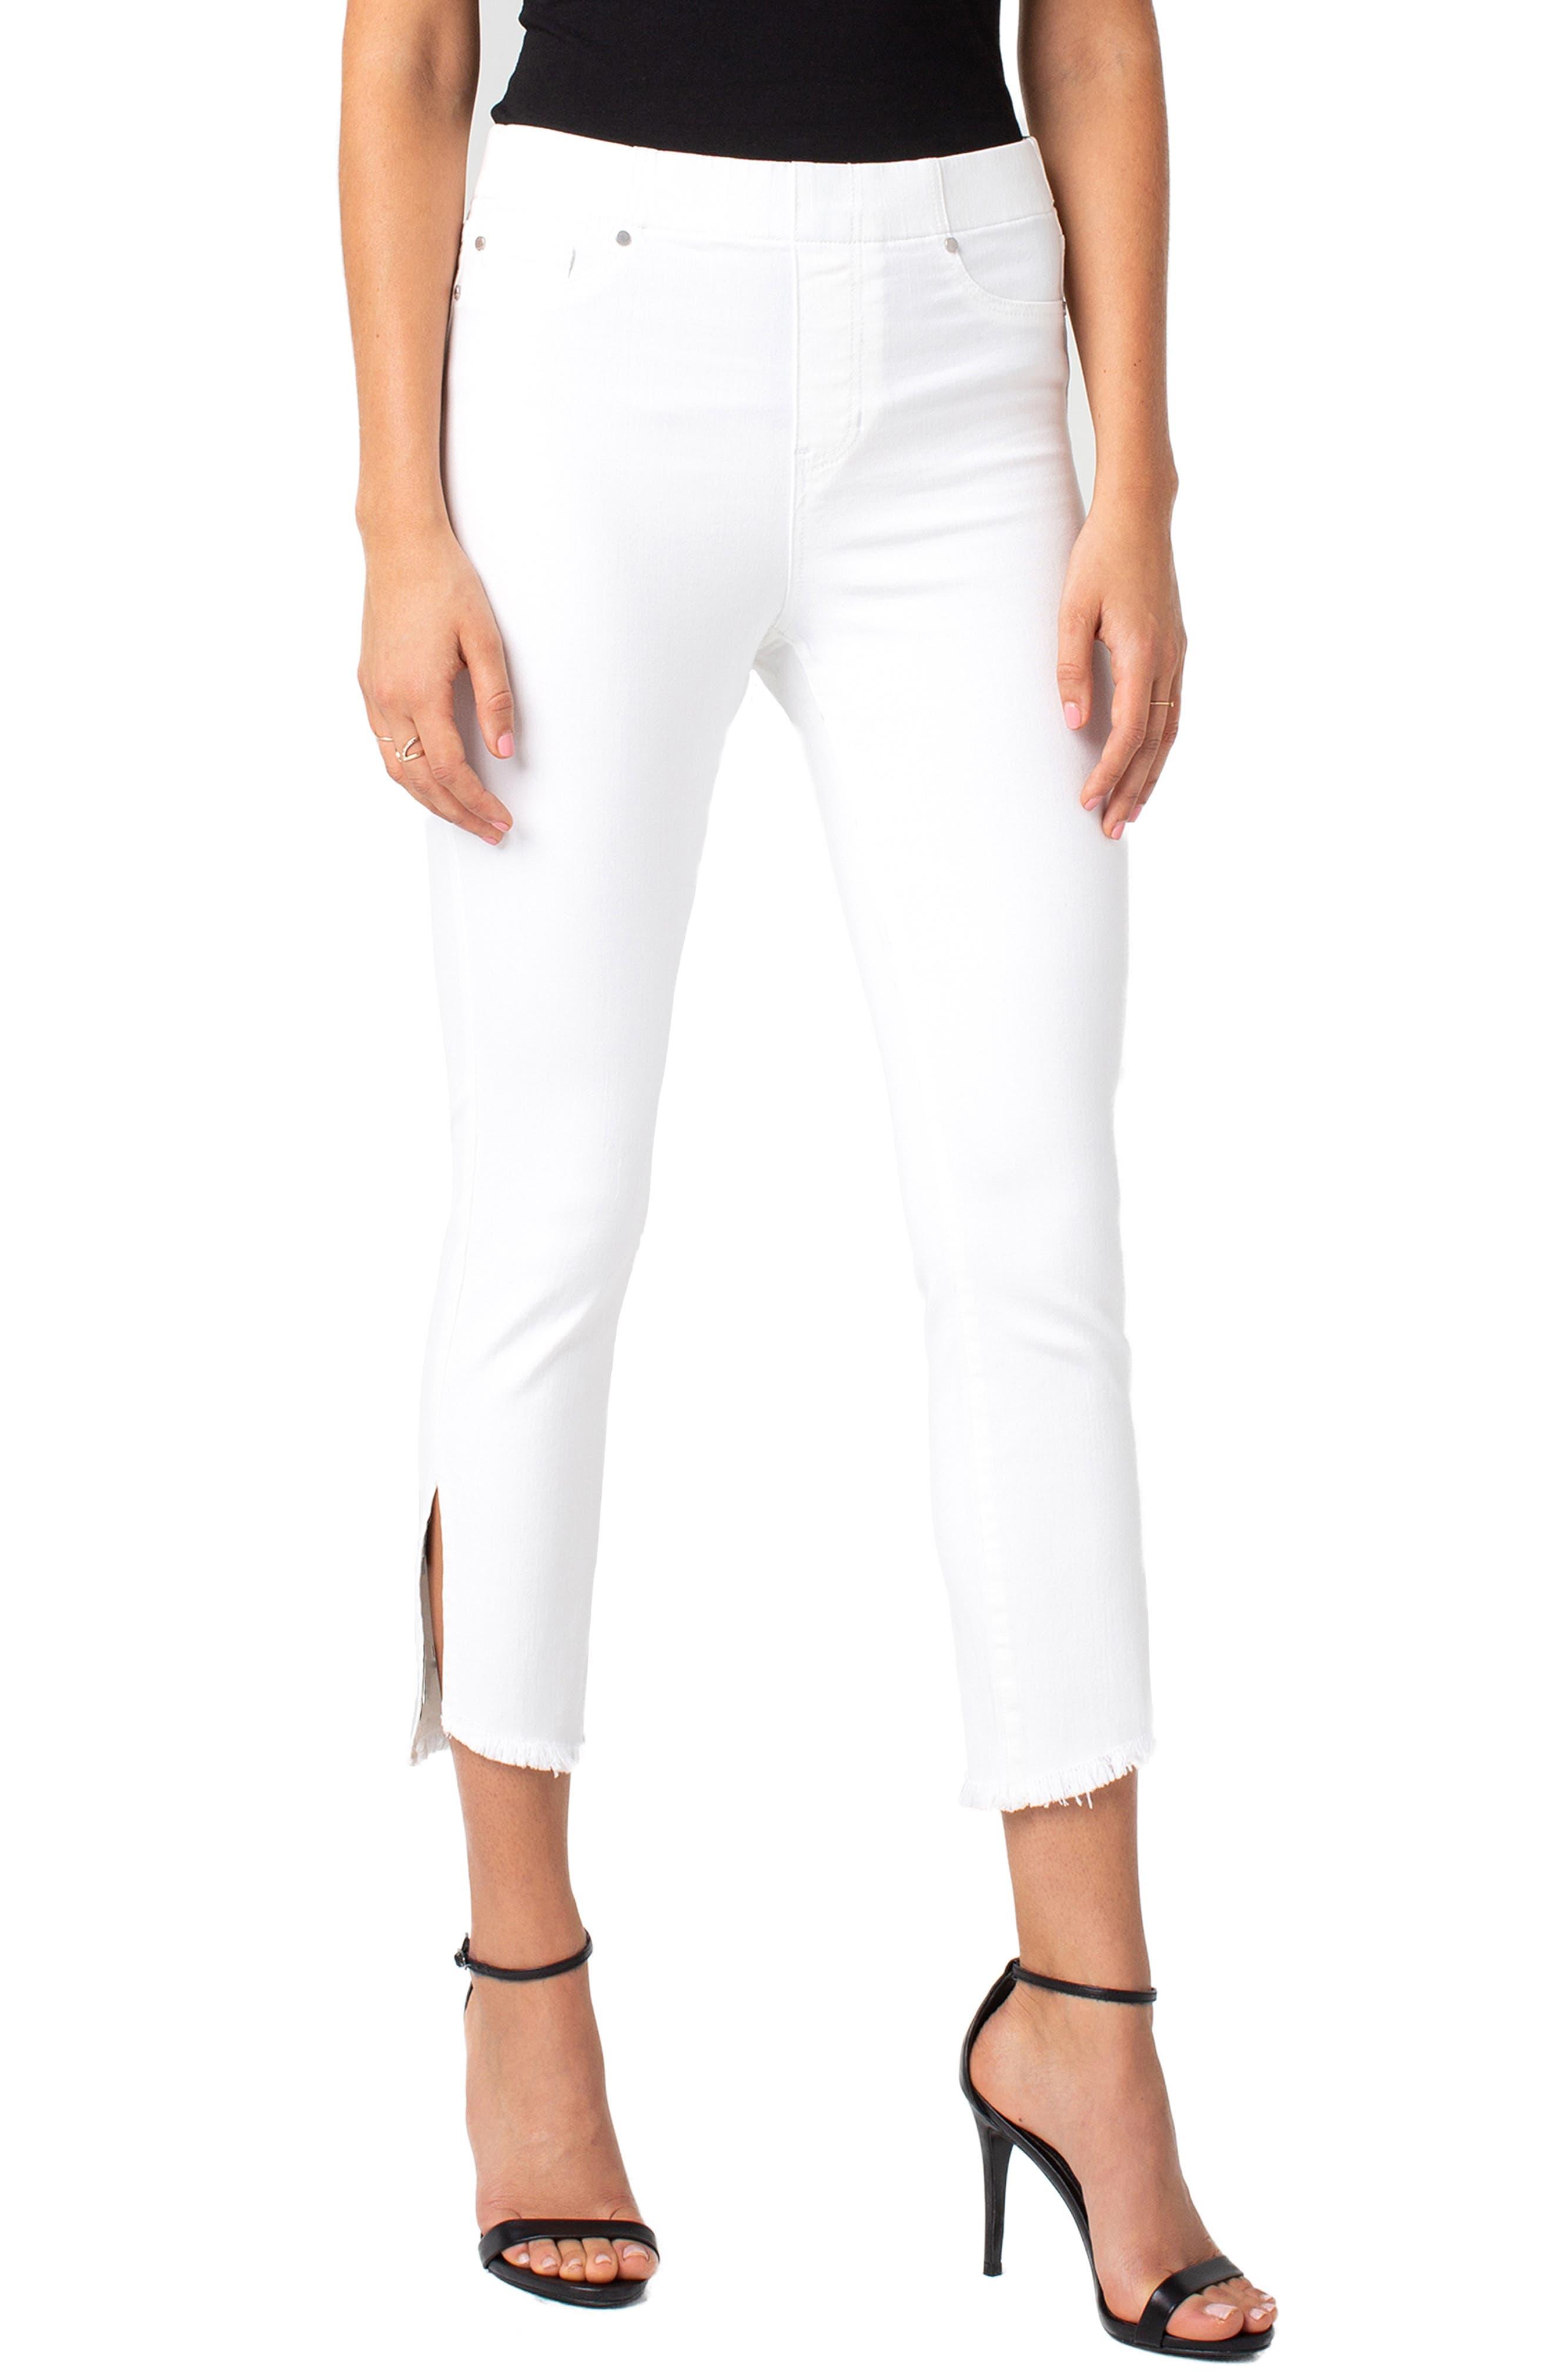 Chloe High Waist Slit Hem Pull-On Skinny Jeans, Main, color, BRIGHT WHITE